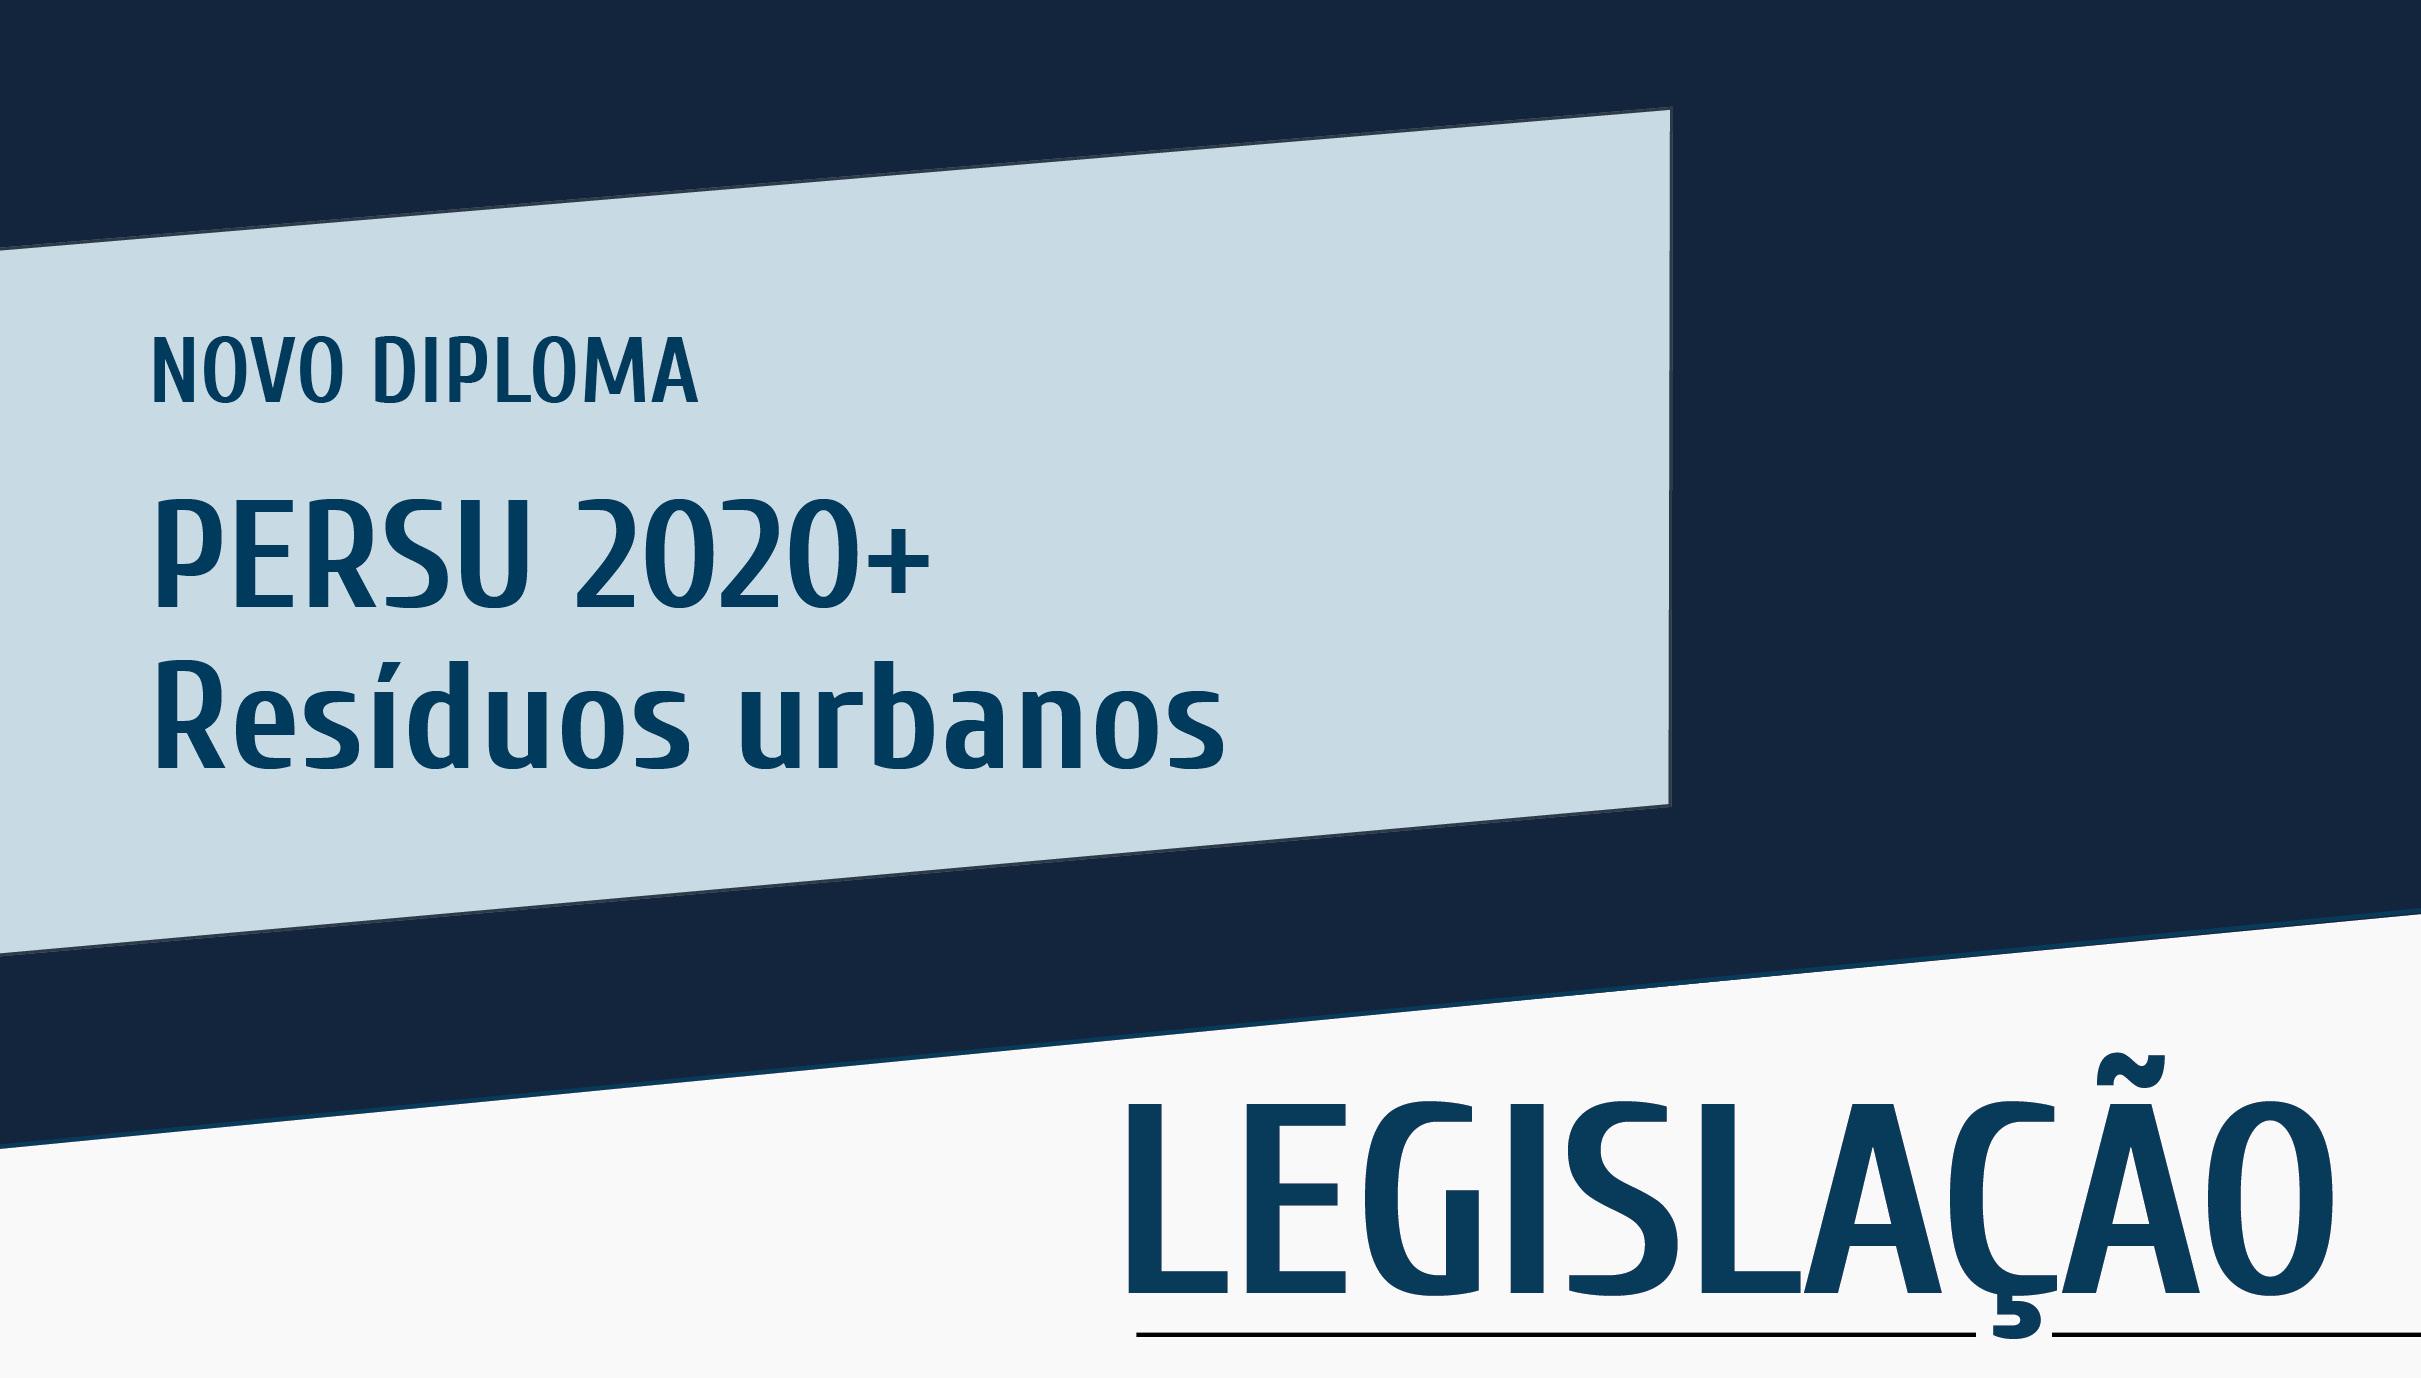 Plataforma Notícias Ordem Engenheiros Região Norte - Aprovado PERSU 2020+ relativo aos resíduos urbanos